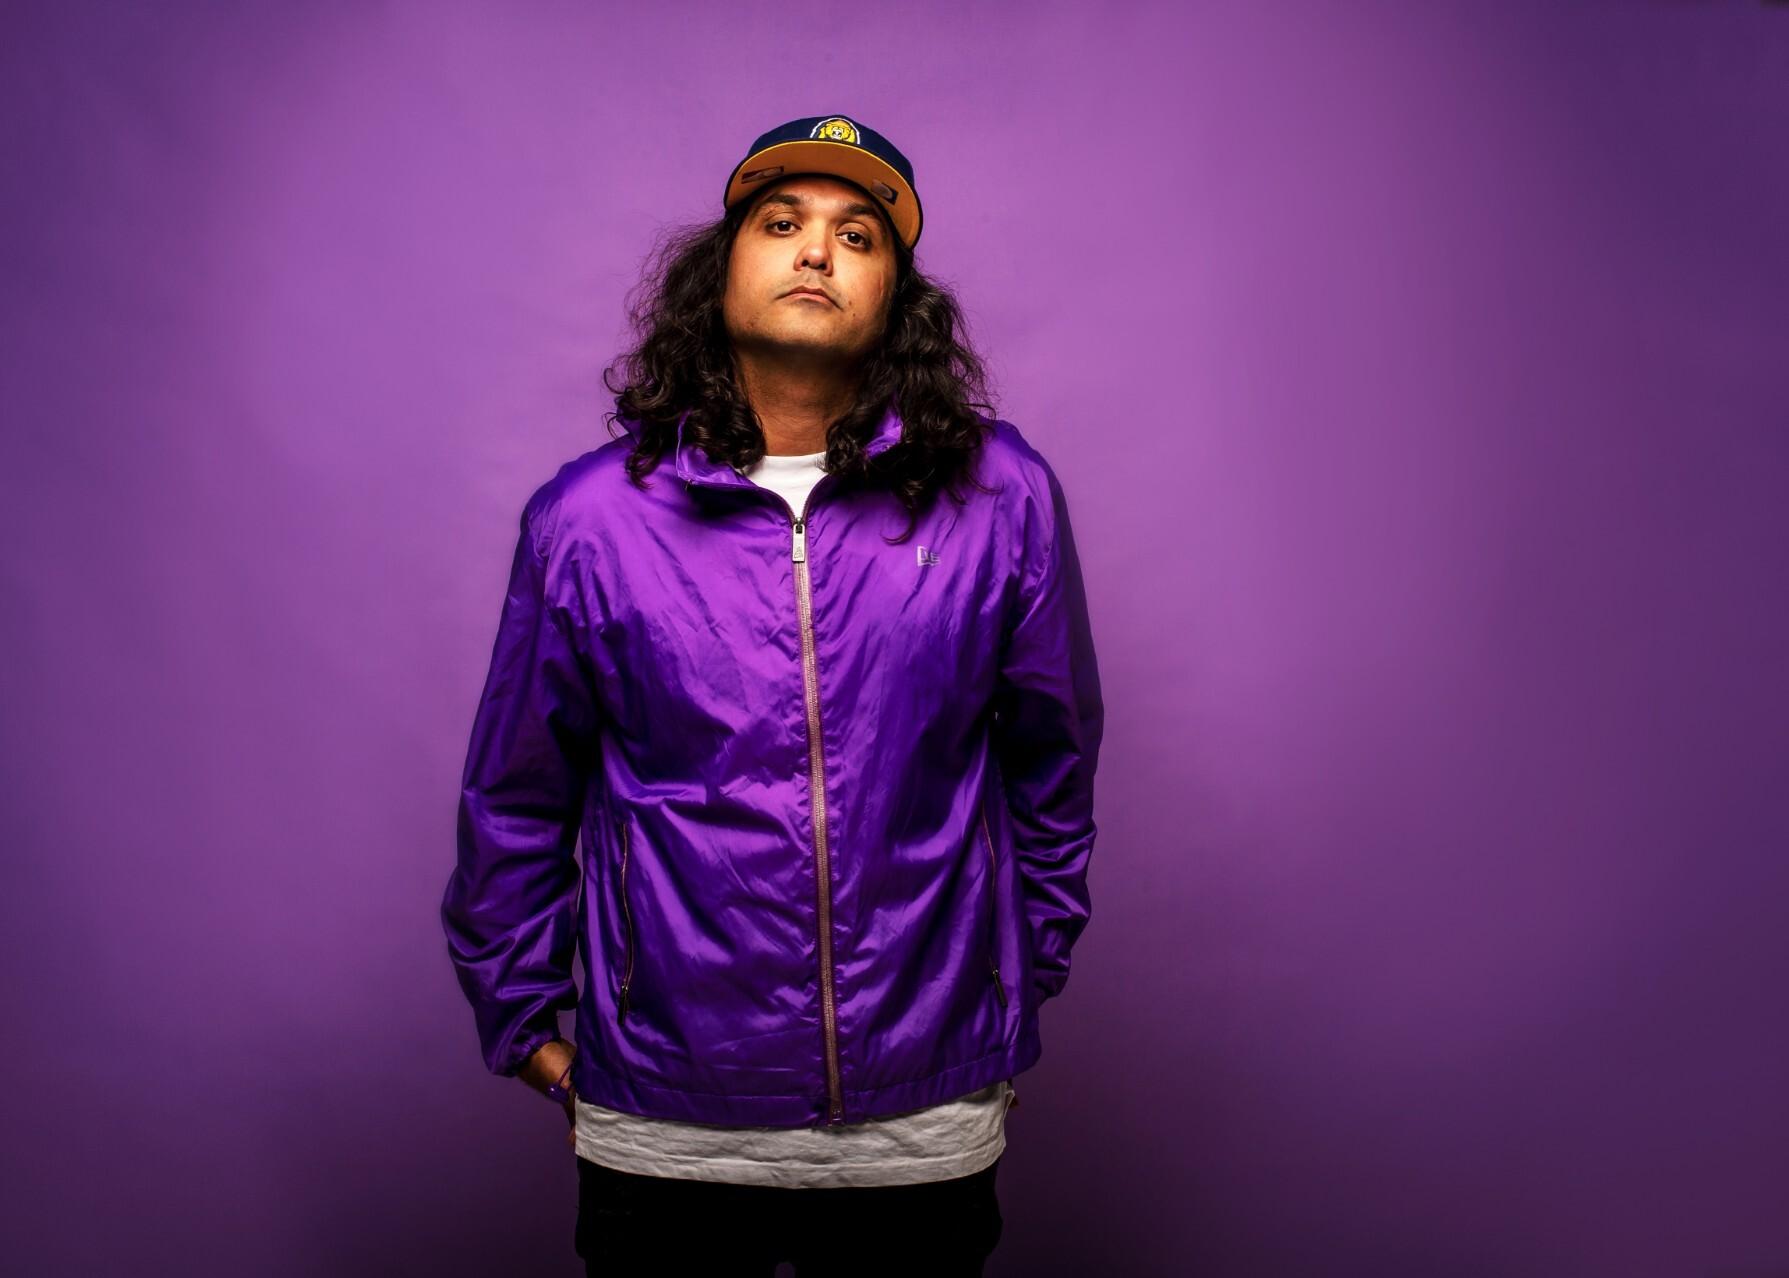 Northern Territory rapper Birdz press shot against purple background